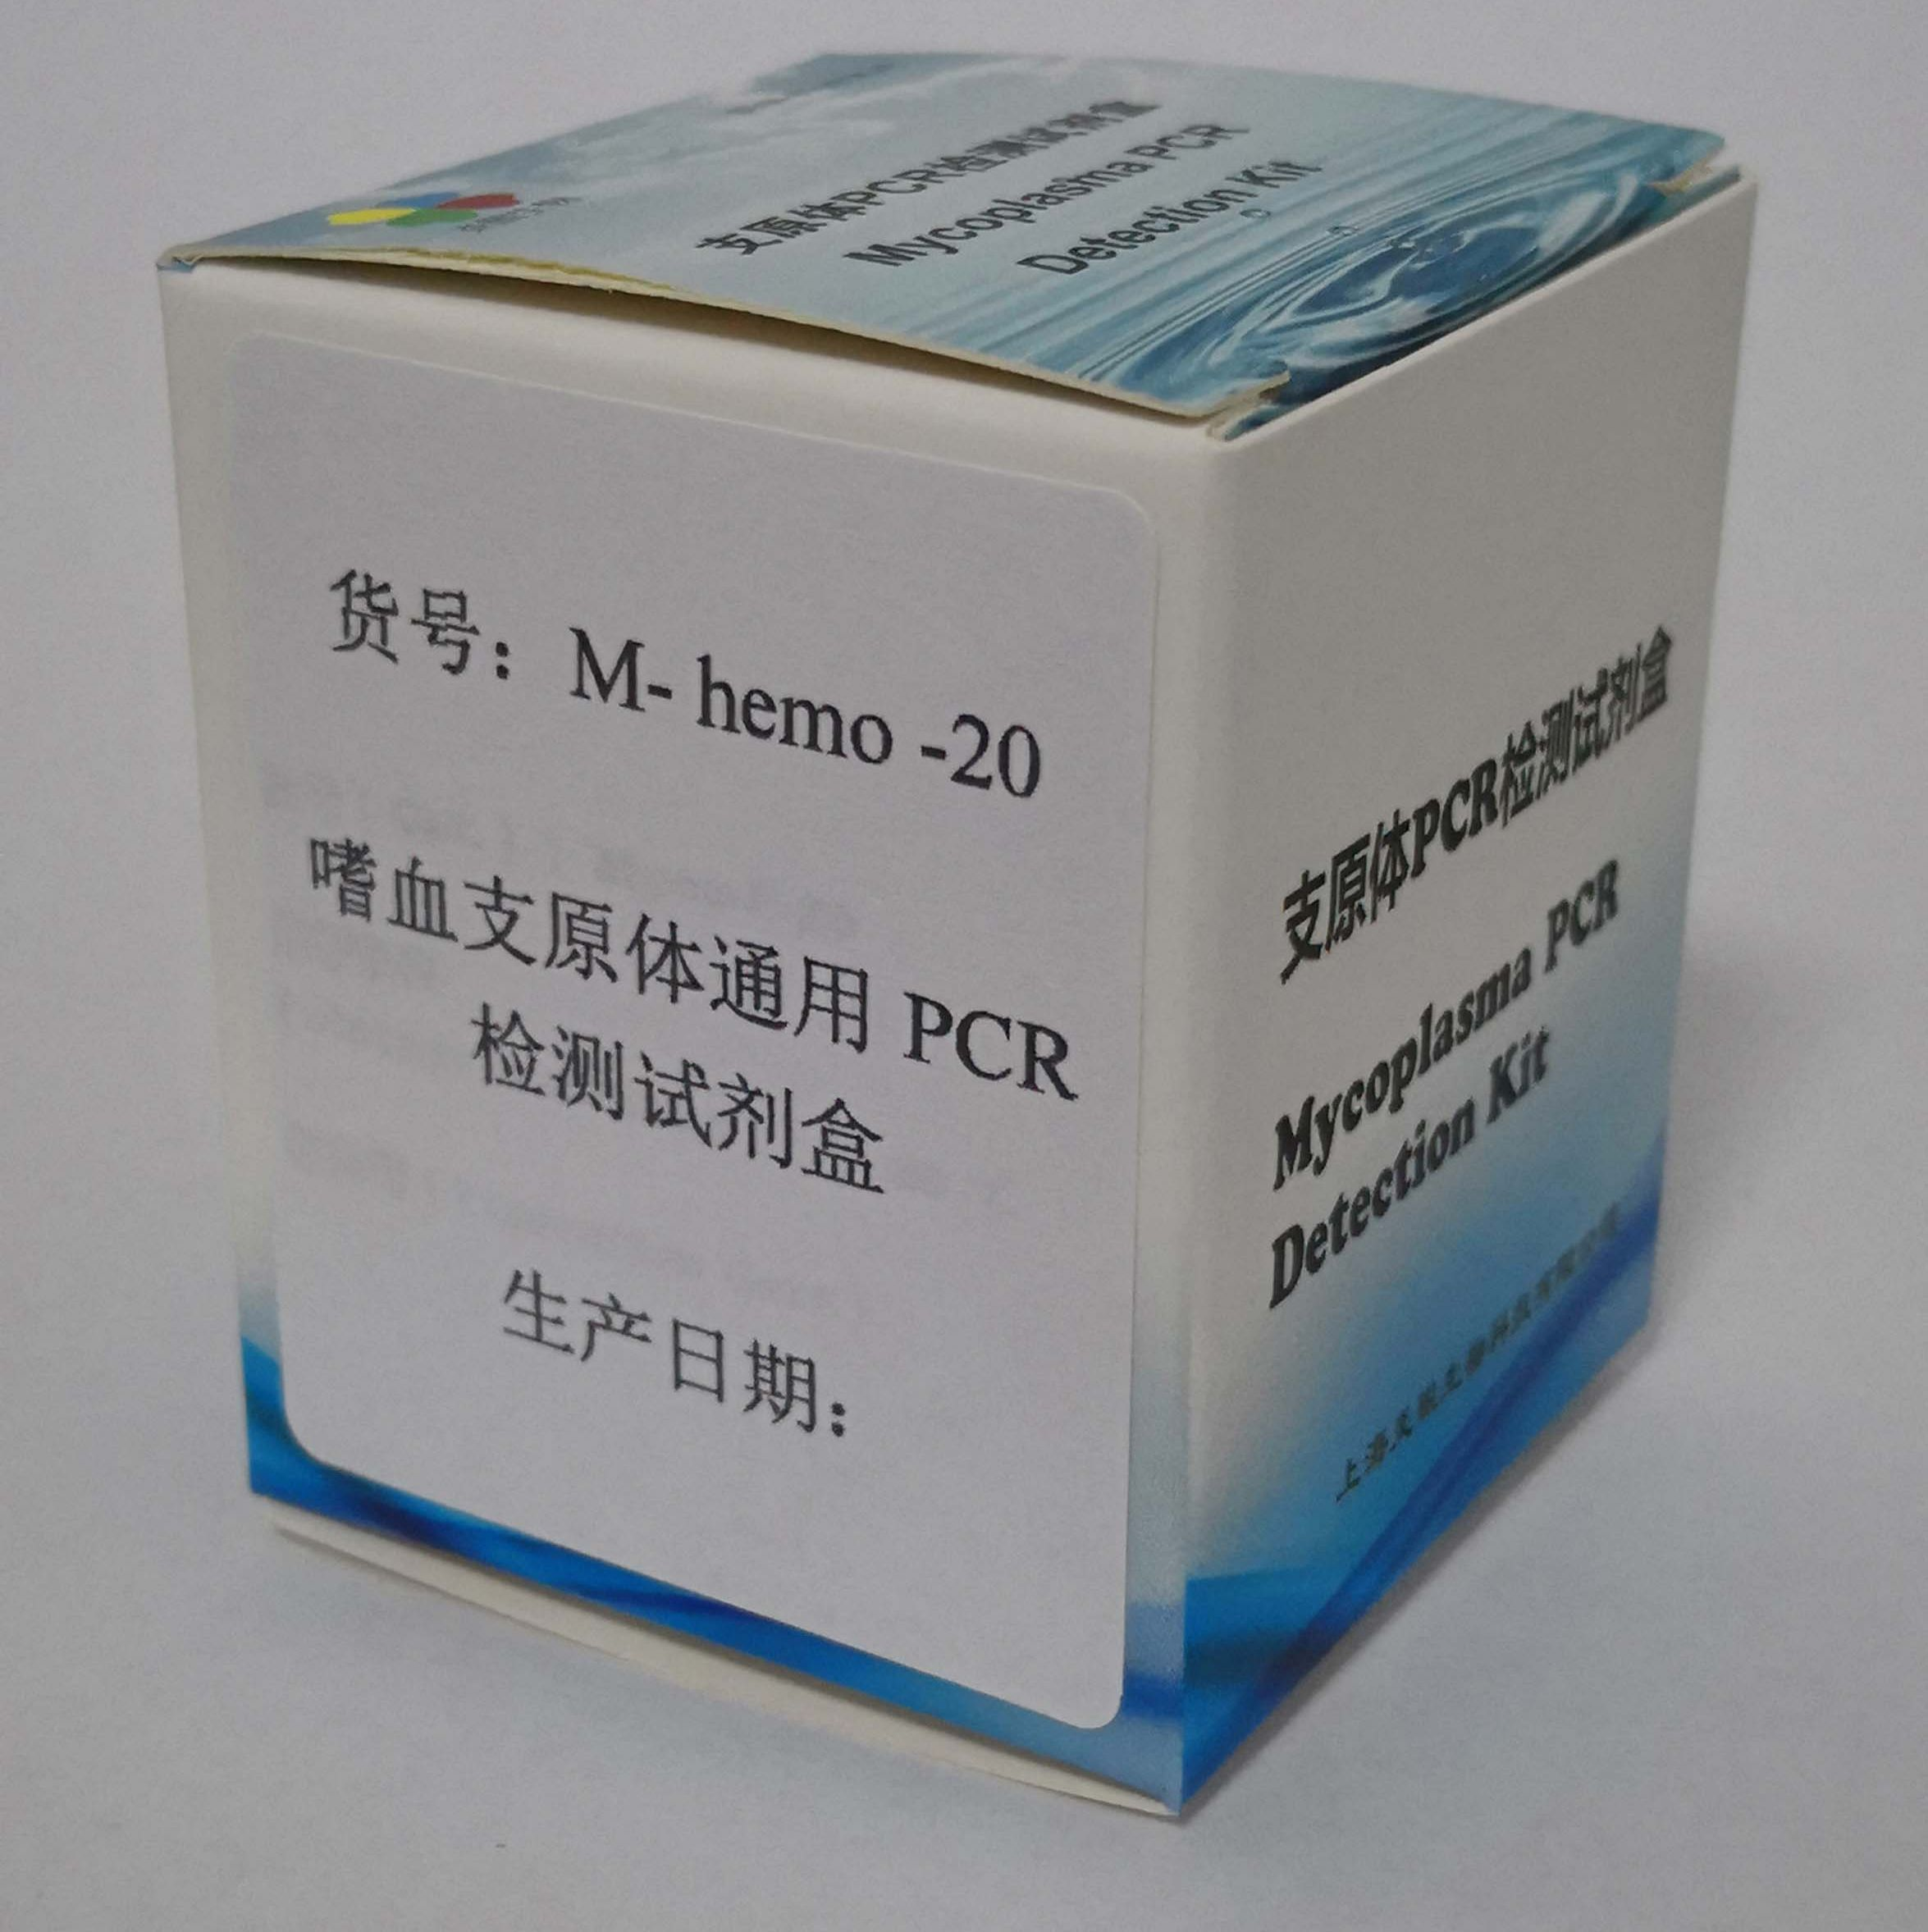 嗜血支原体通用PCR检测试剂盒